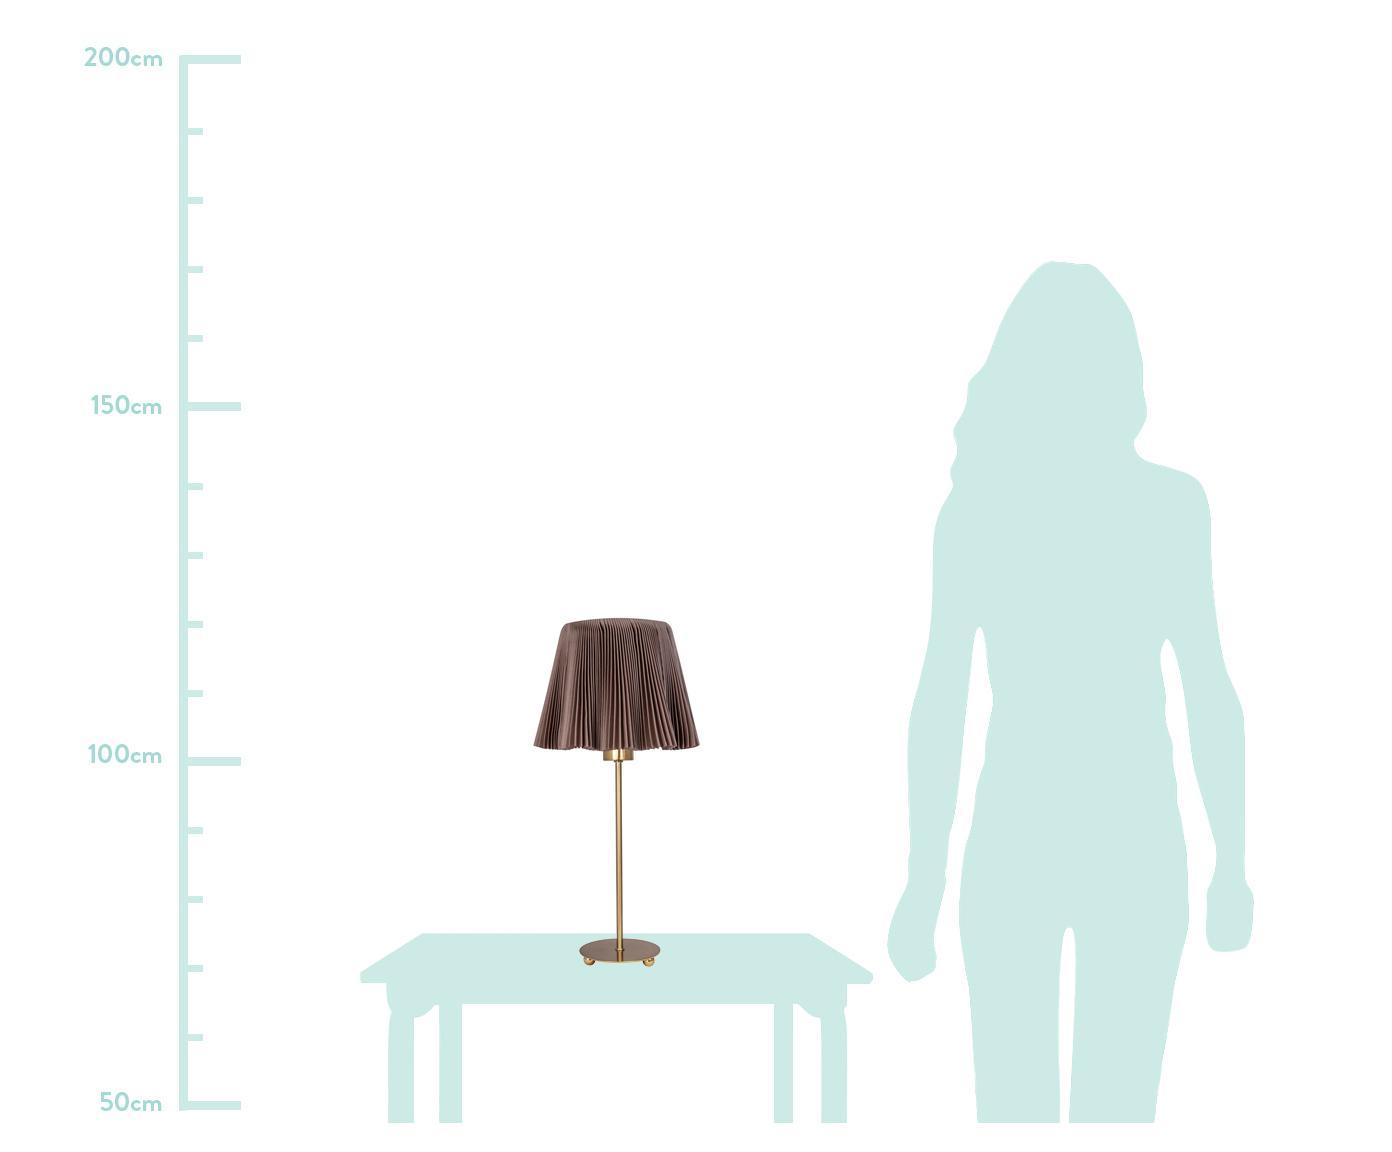 Lampa stołowa z plisowanej tkaniny  Edith, Bawełna, metal, Brązowy, odcienie mosiądzu, Ø 20 x W 50 cm